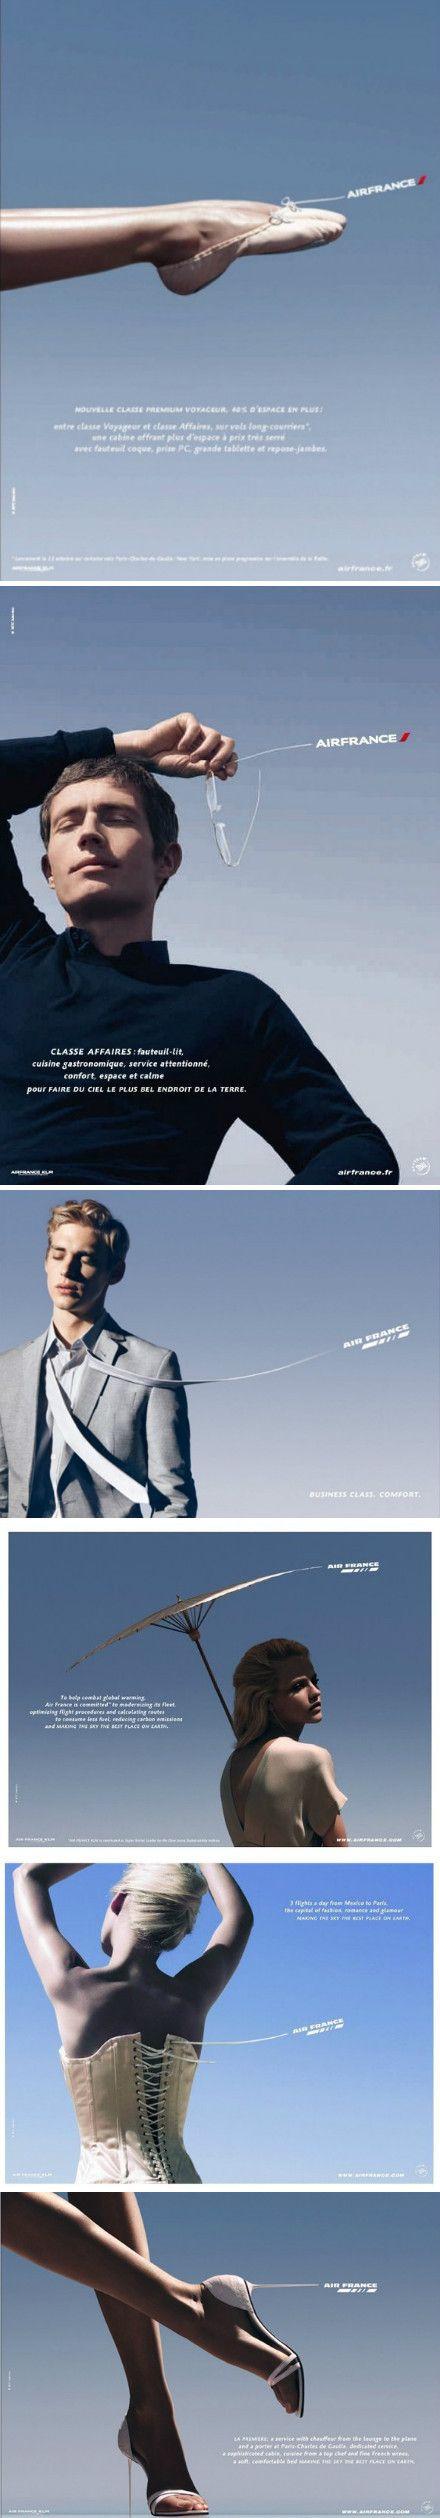 法航宣传广告片:轻盈、优雅、享受